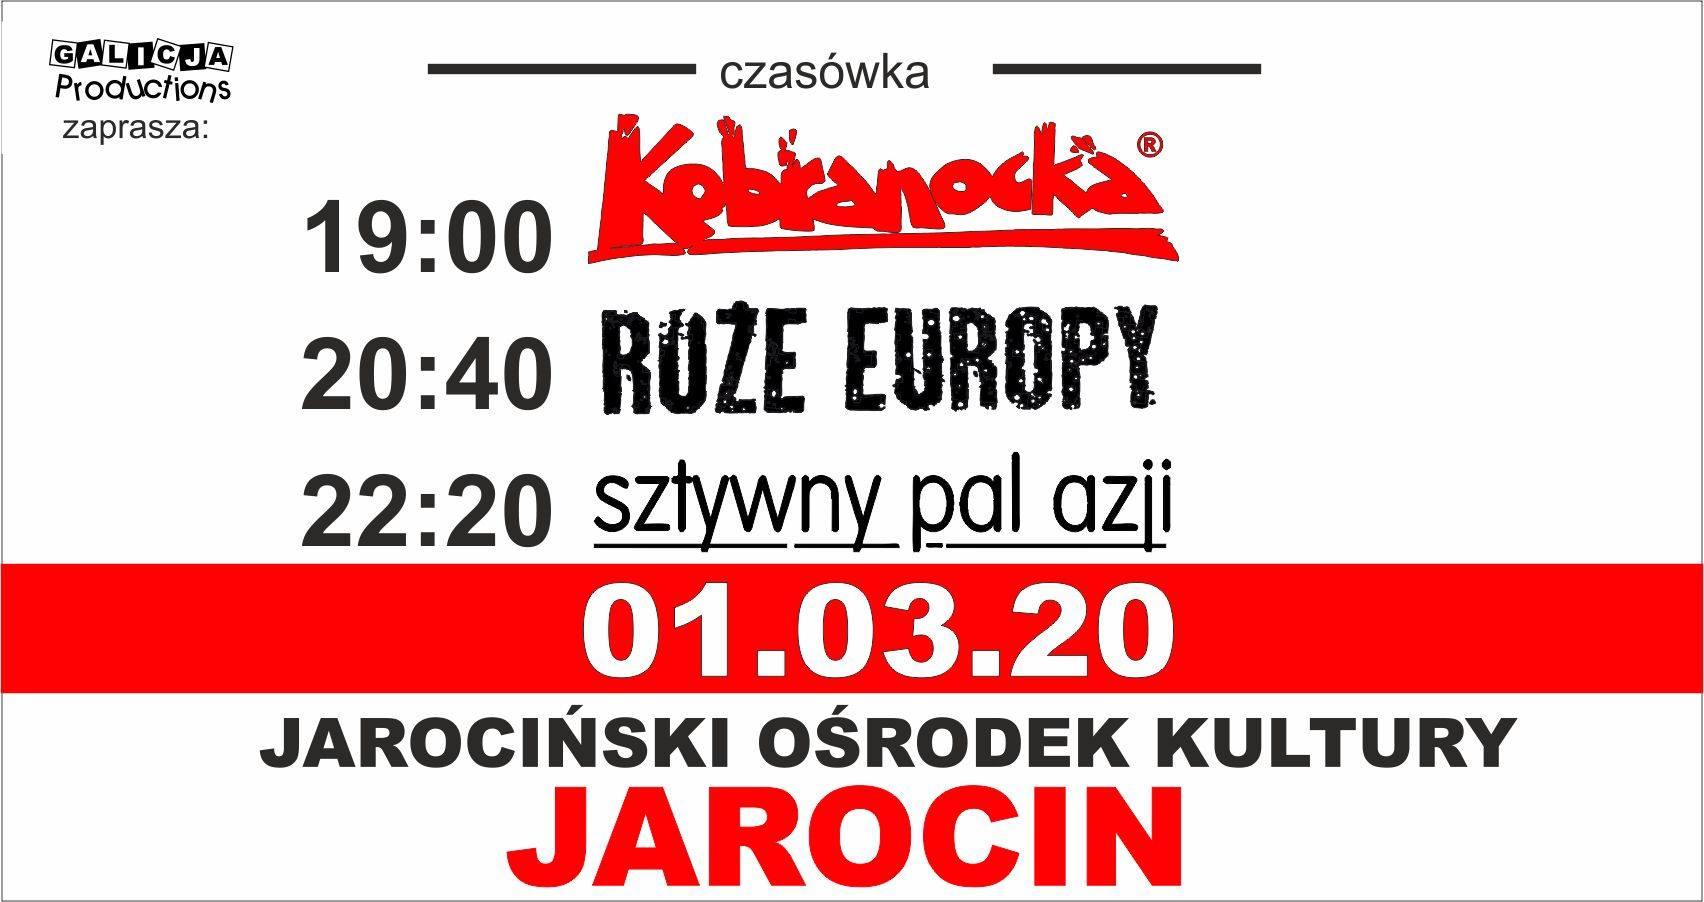 Kobranocka, Sztywny Pal Azji, Róże Europy pojutrze 1 marca 2020 r. w JOK Jarocin. Polecamy!